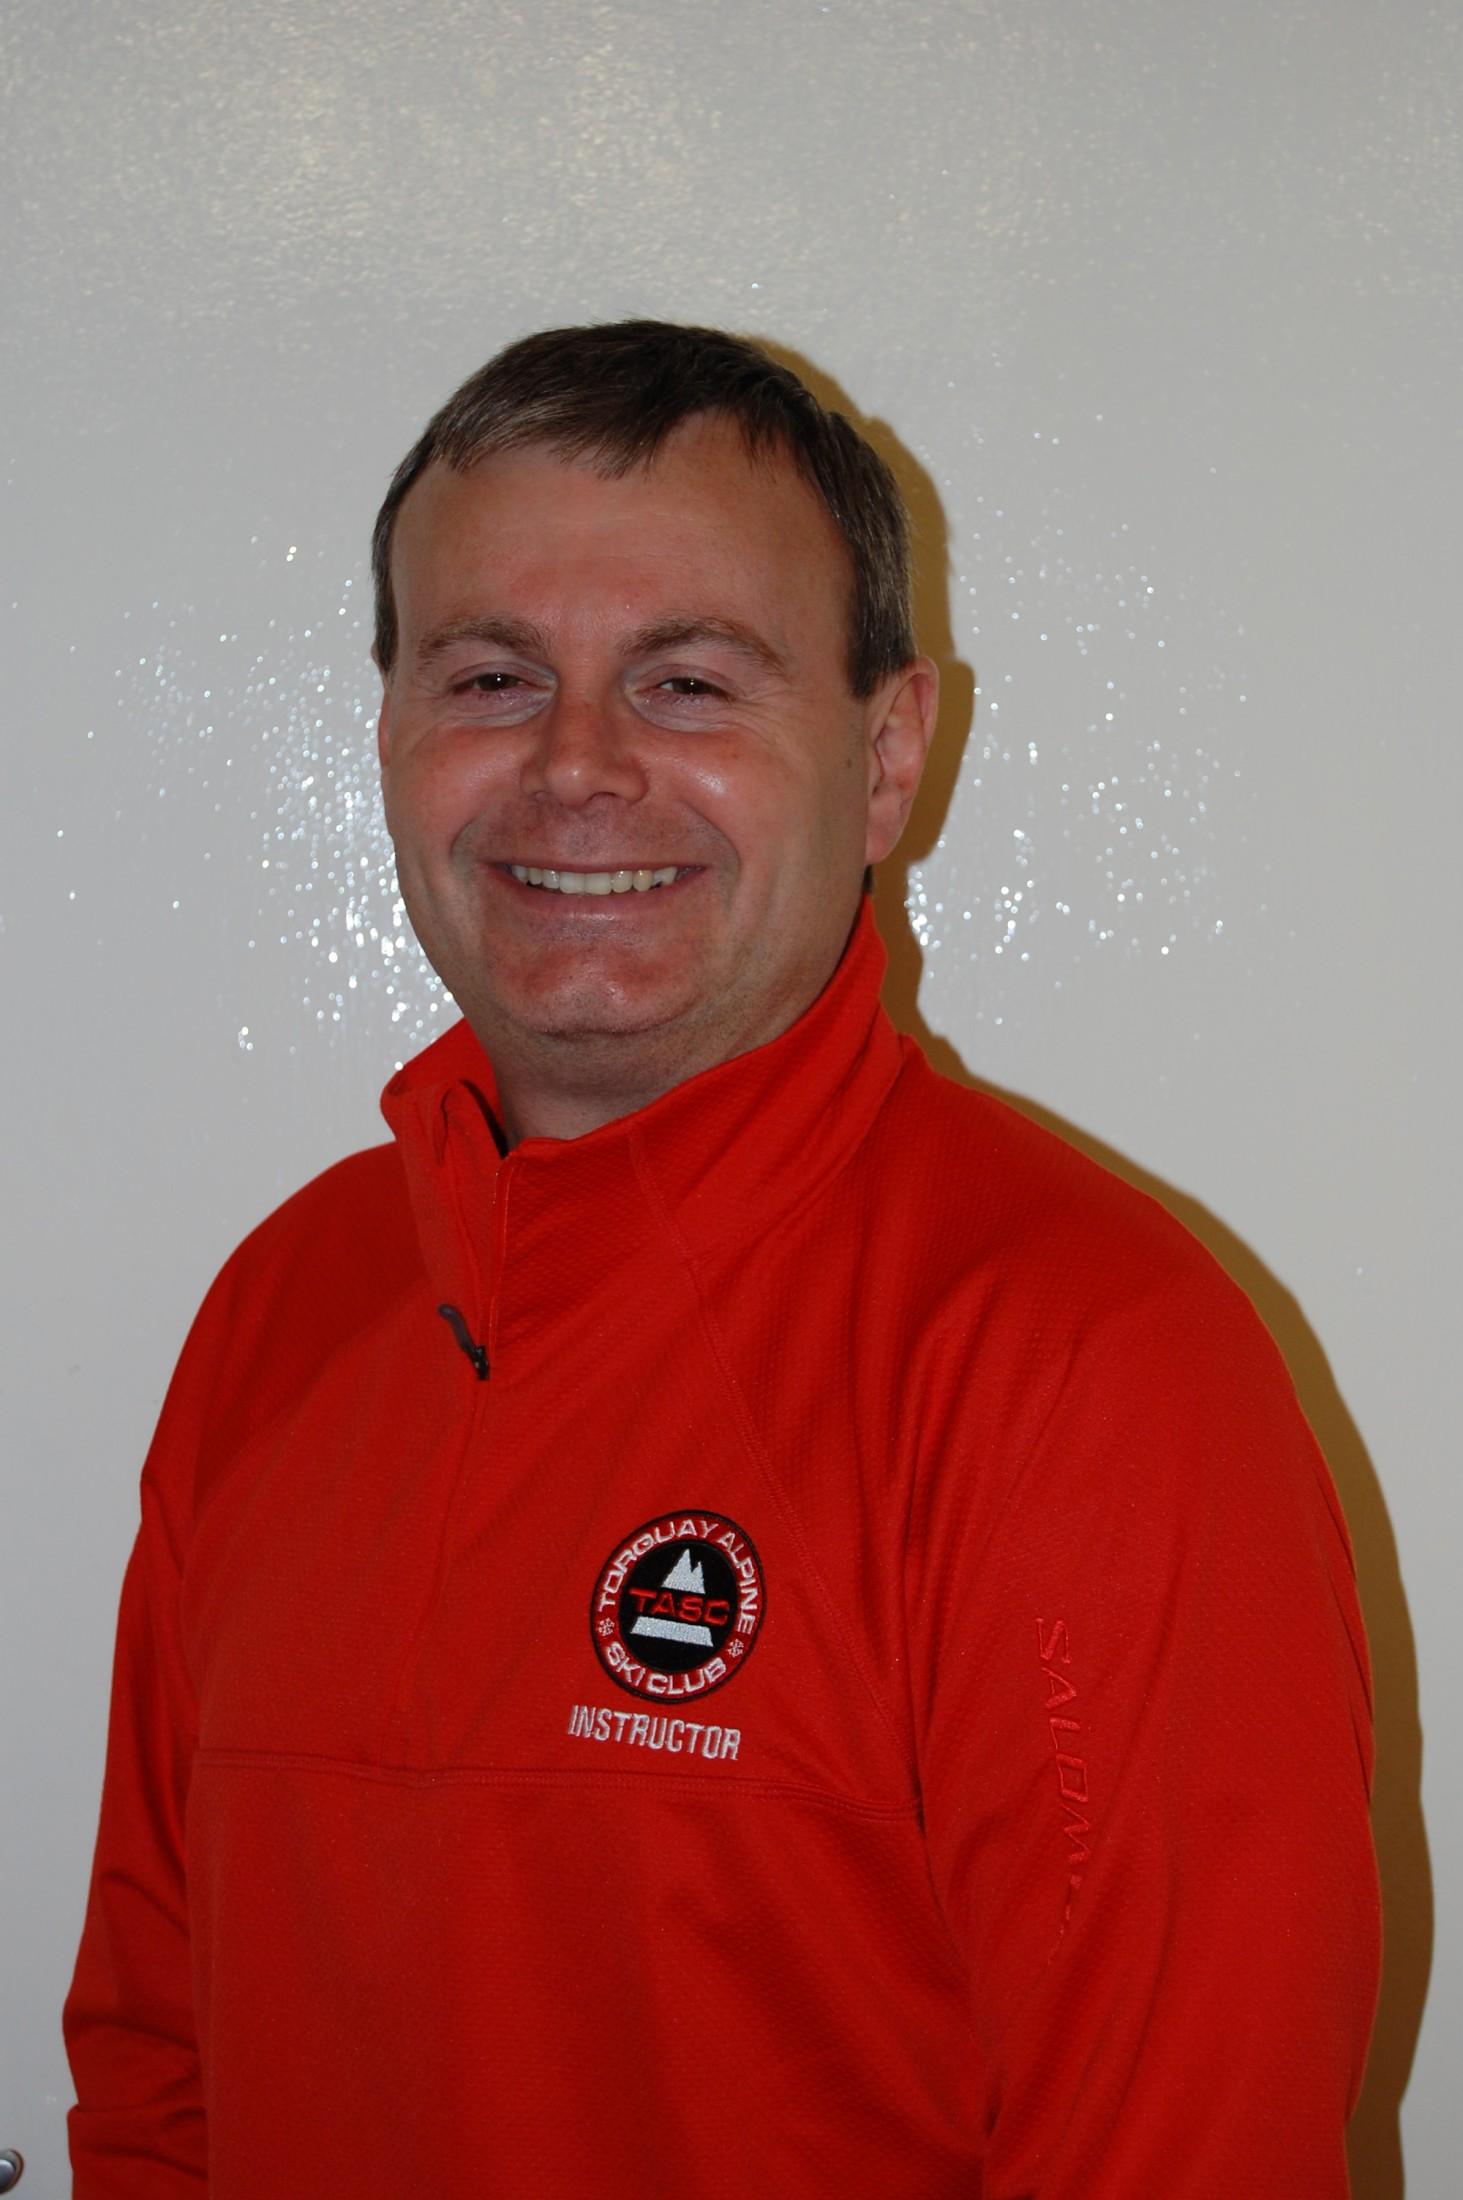 Steve Marsland